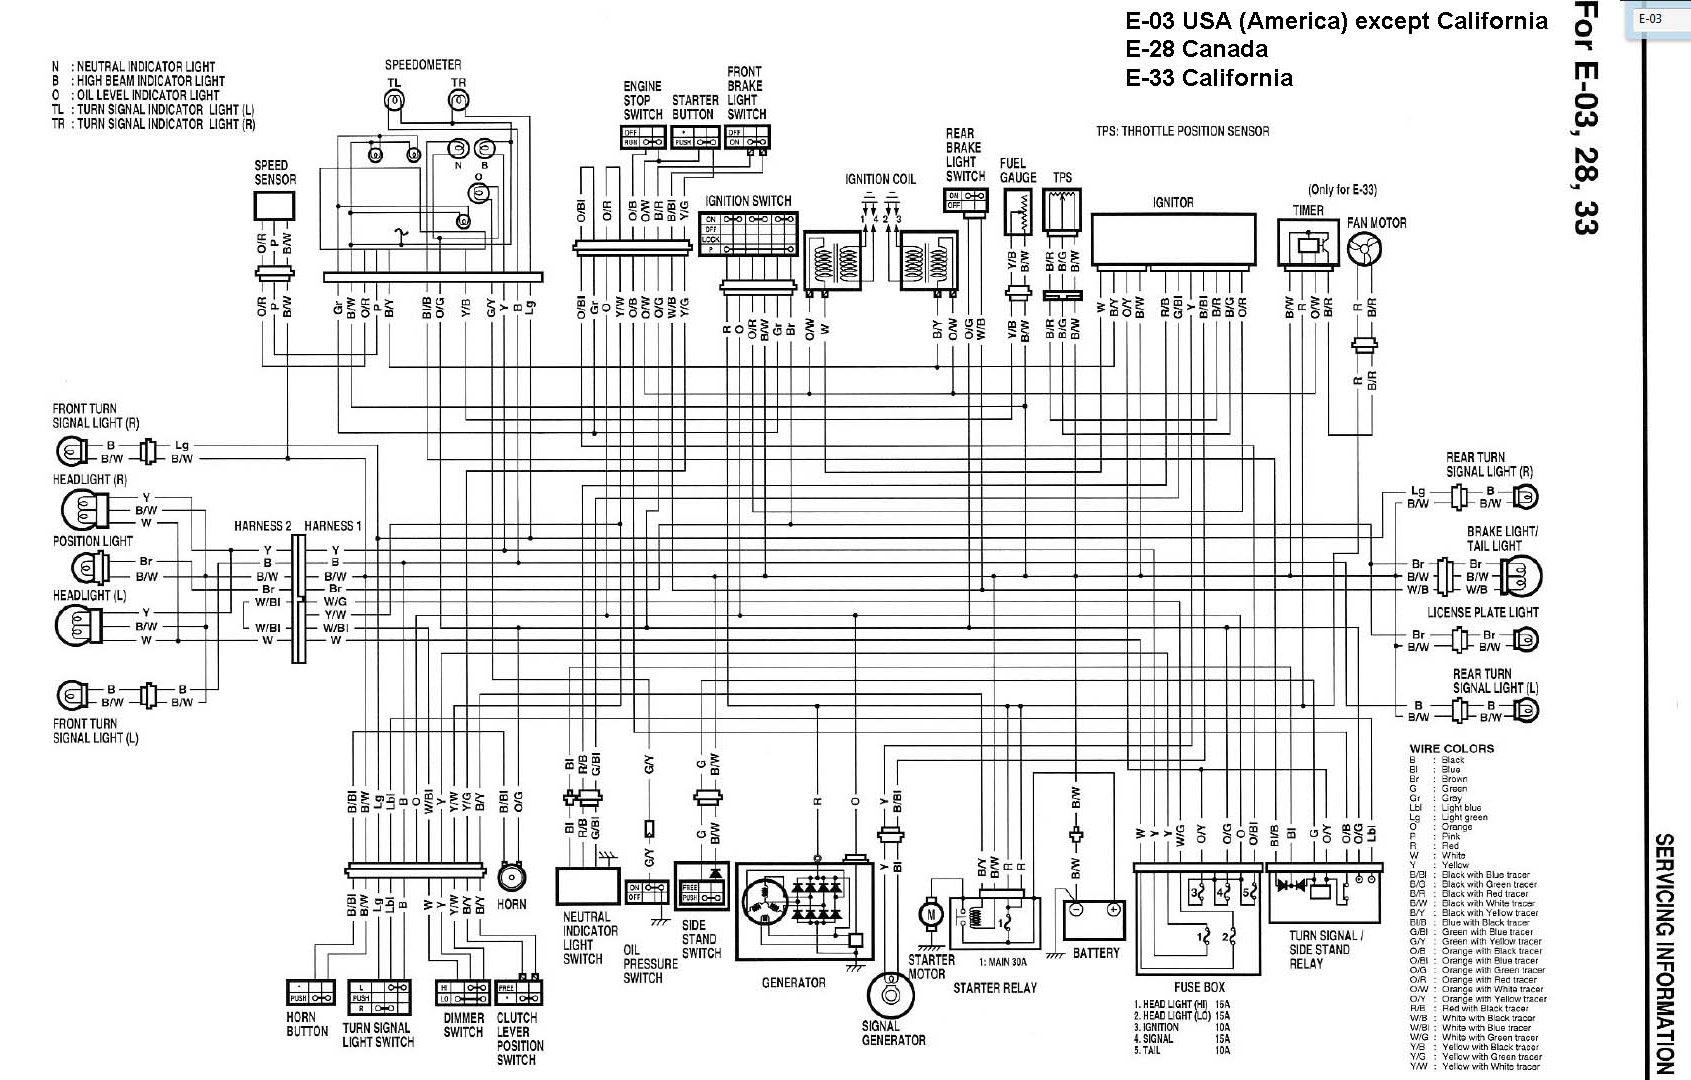 2005 suzuki gsxr 600 wiring diagram nm 9363  2001 gsxr 1000 2007 gsxr 600 wiring diagram tl 1000  2001 gsxr 1000 2007 gsxr 600 wiring